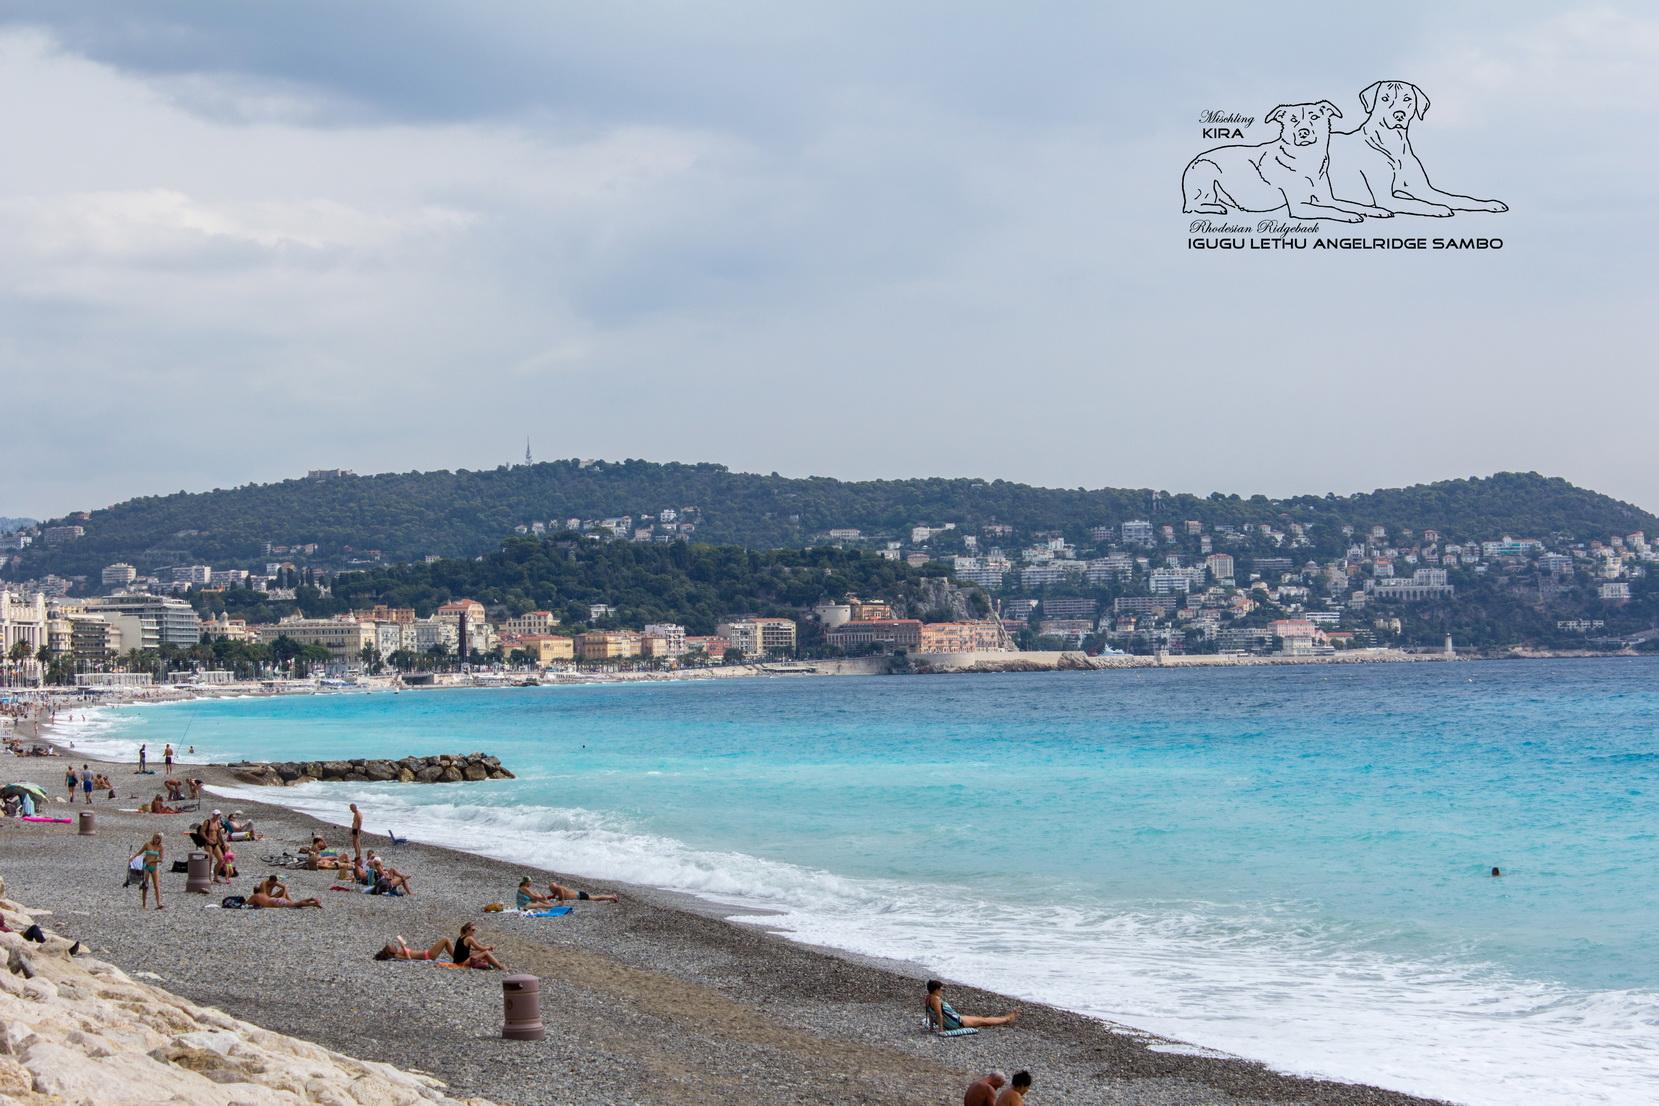 Pfeiffers - Strand Nizza